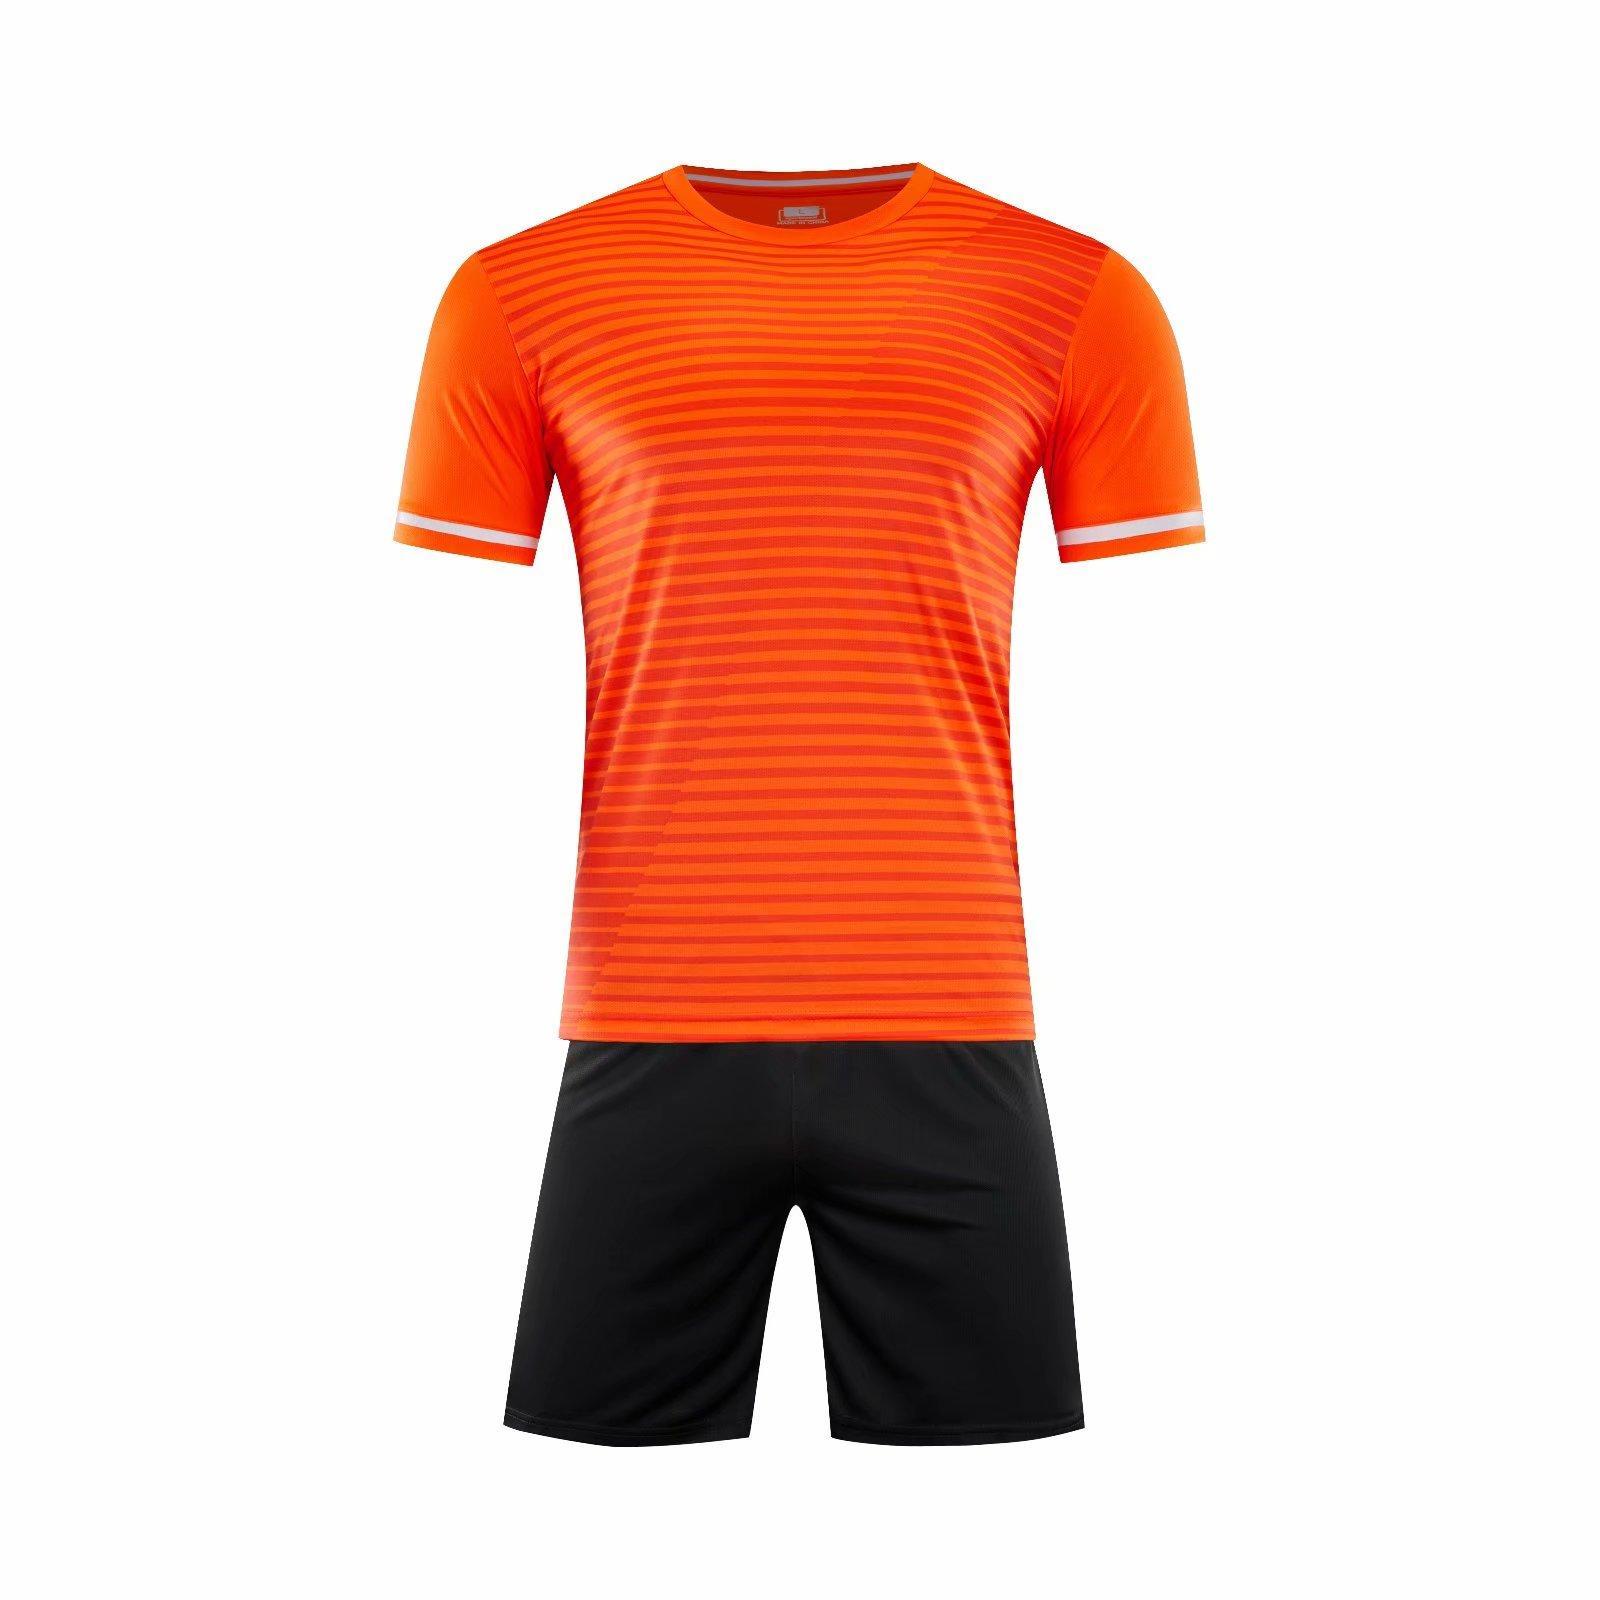 A15 uniforme do futebol dos homens do futebol Jersey que imprimem a pista e o campo esportes camisa de mangas curtas